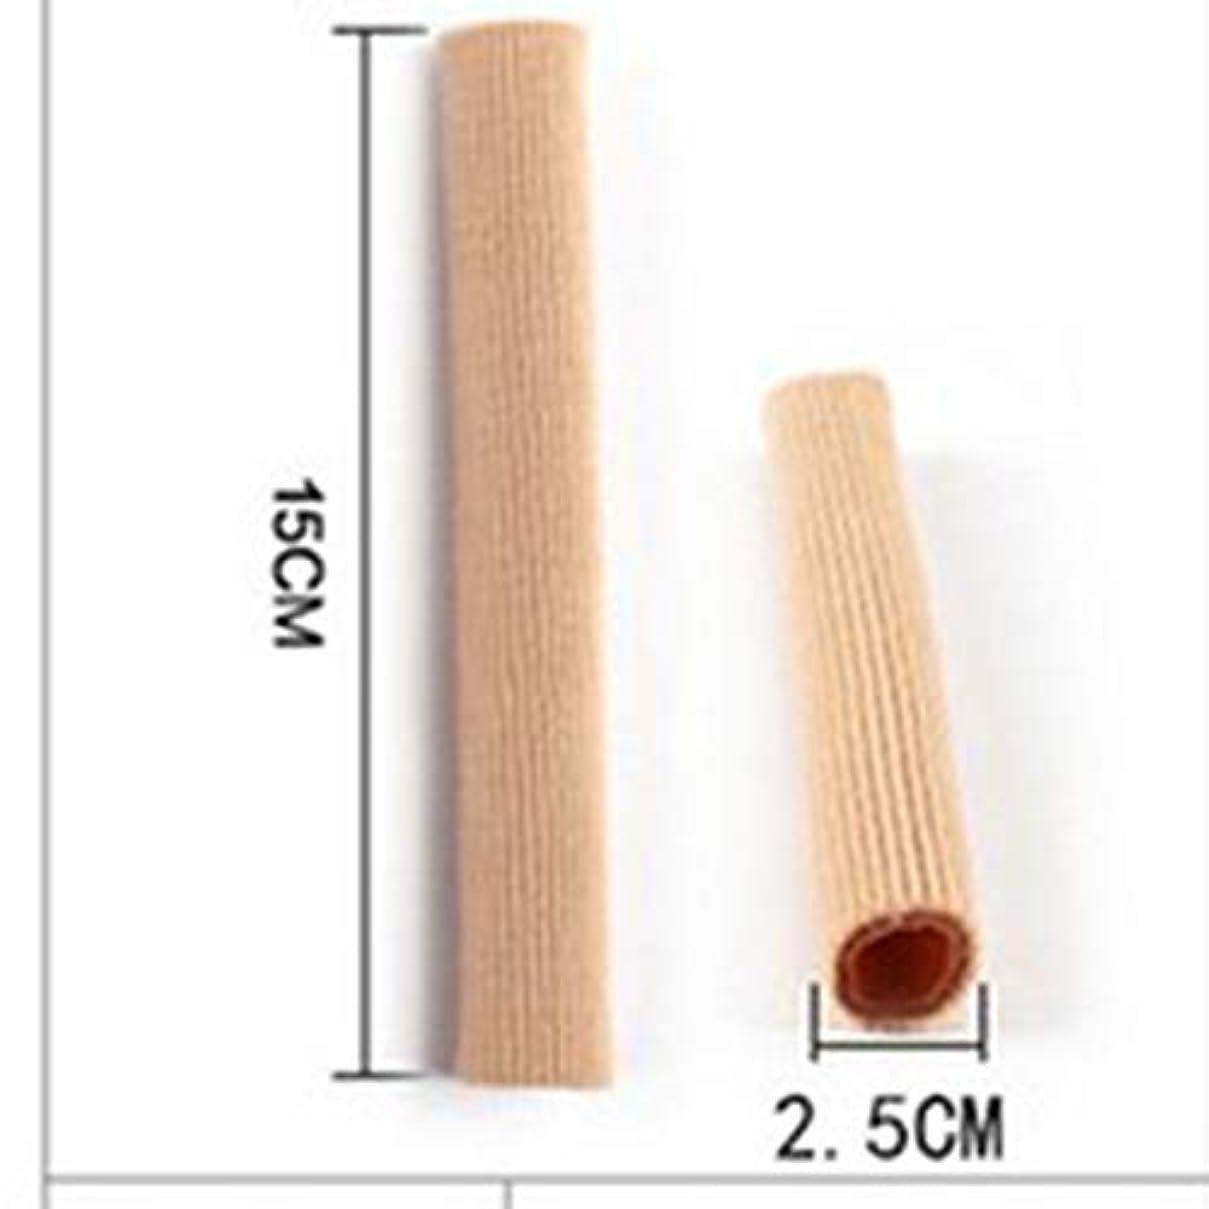 アルバム残基素晴らしい良い多くのOpen Toe Tubes Gel Lined Fabric Sleeve Protectors To Prevent Corns, Calluses And Blisters While Softening And...